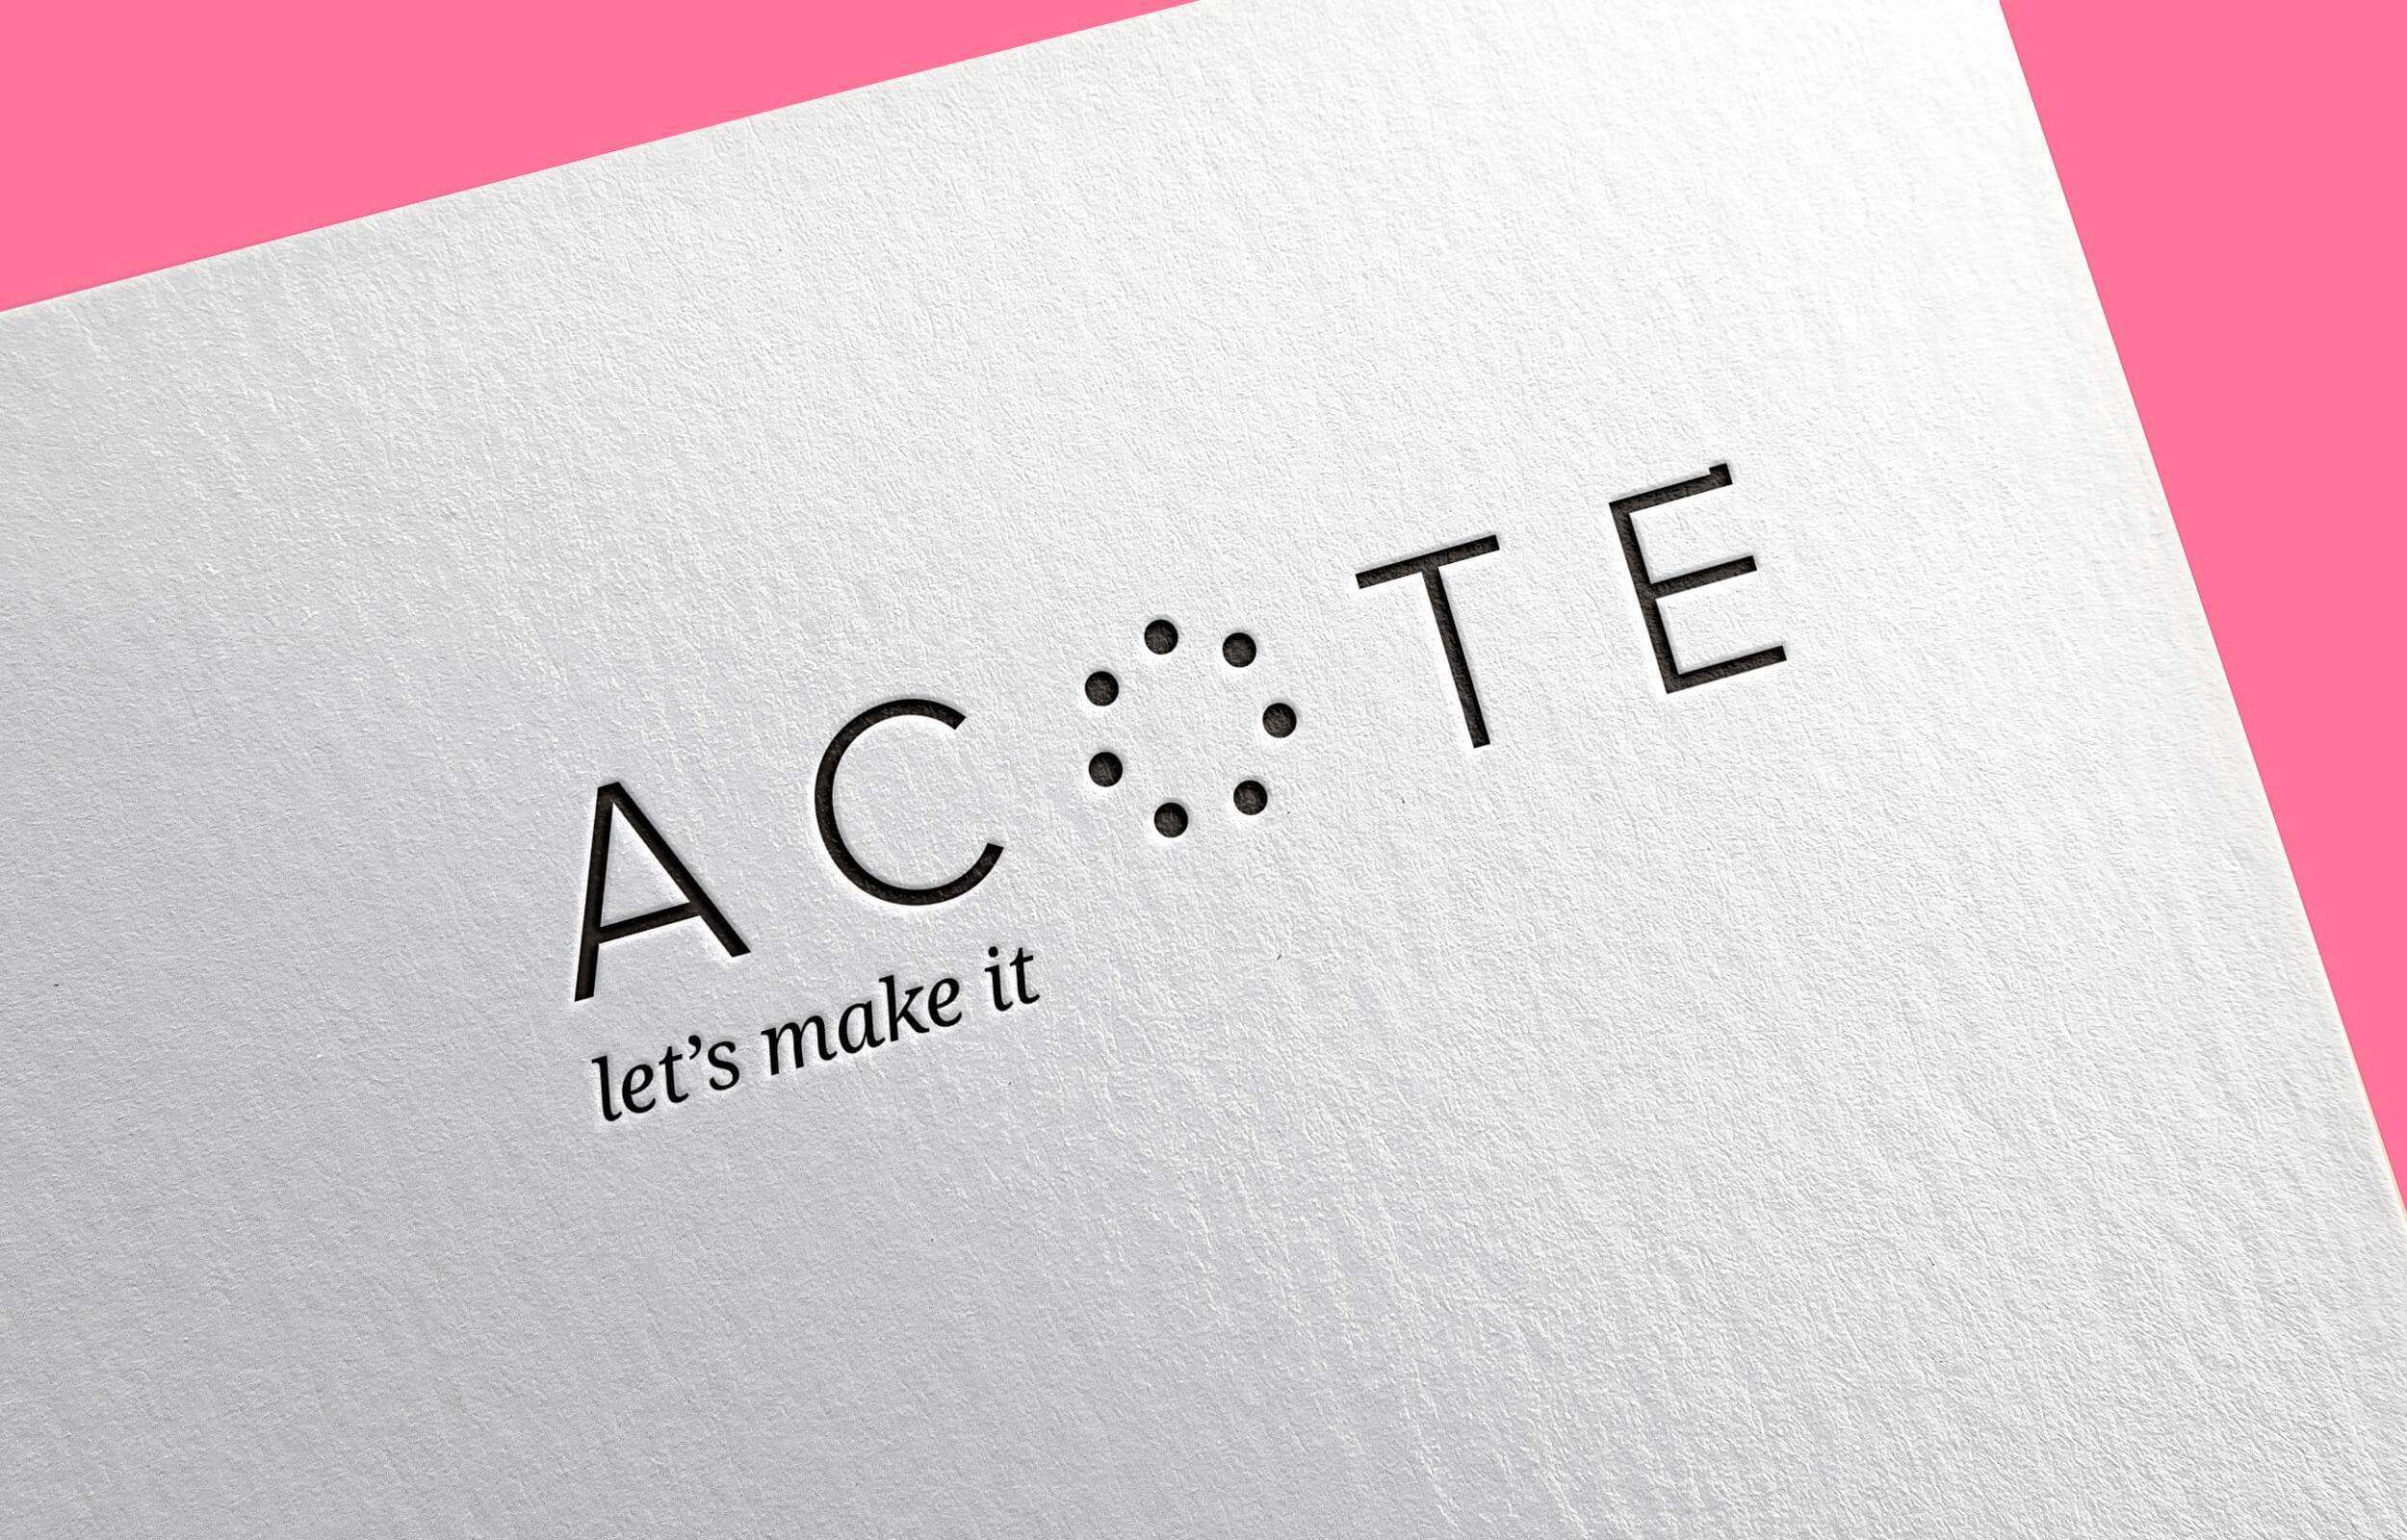 Marca gráfica (logotipo e imagotipo) para el estudio de arquitectura con sede en Madrid y México Acote